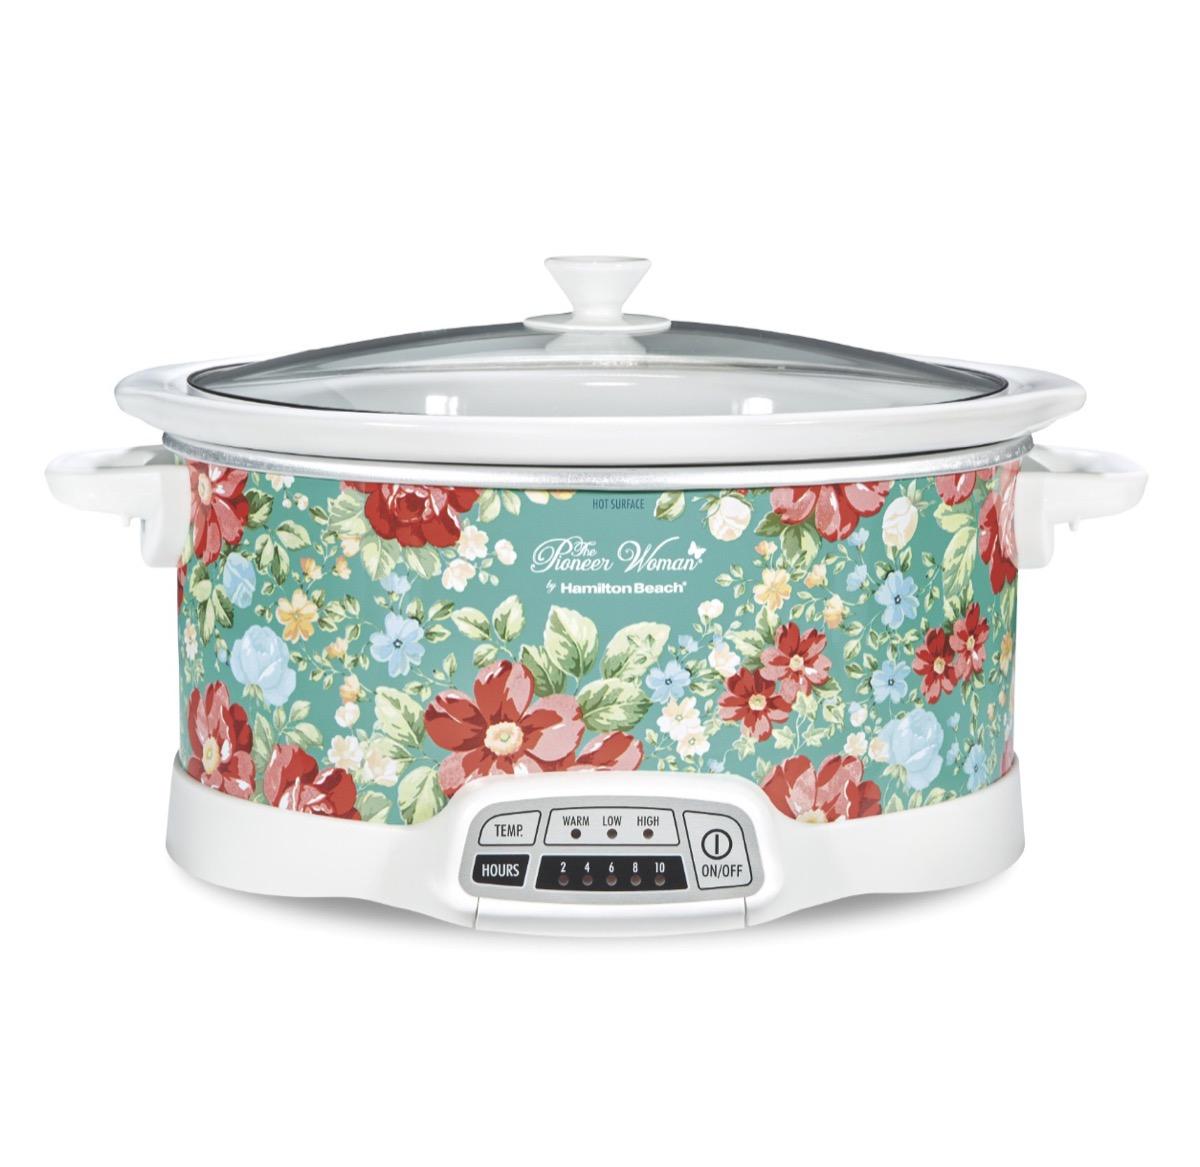 floral patterned slow cooker